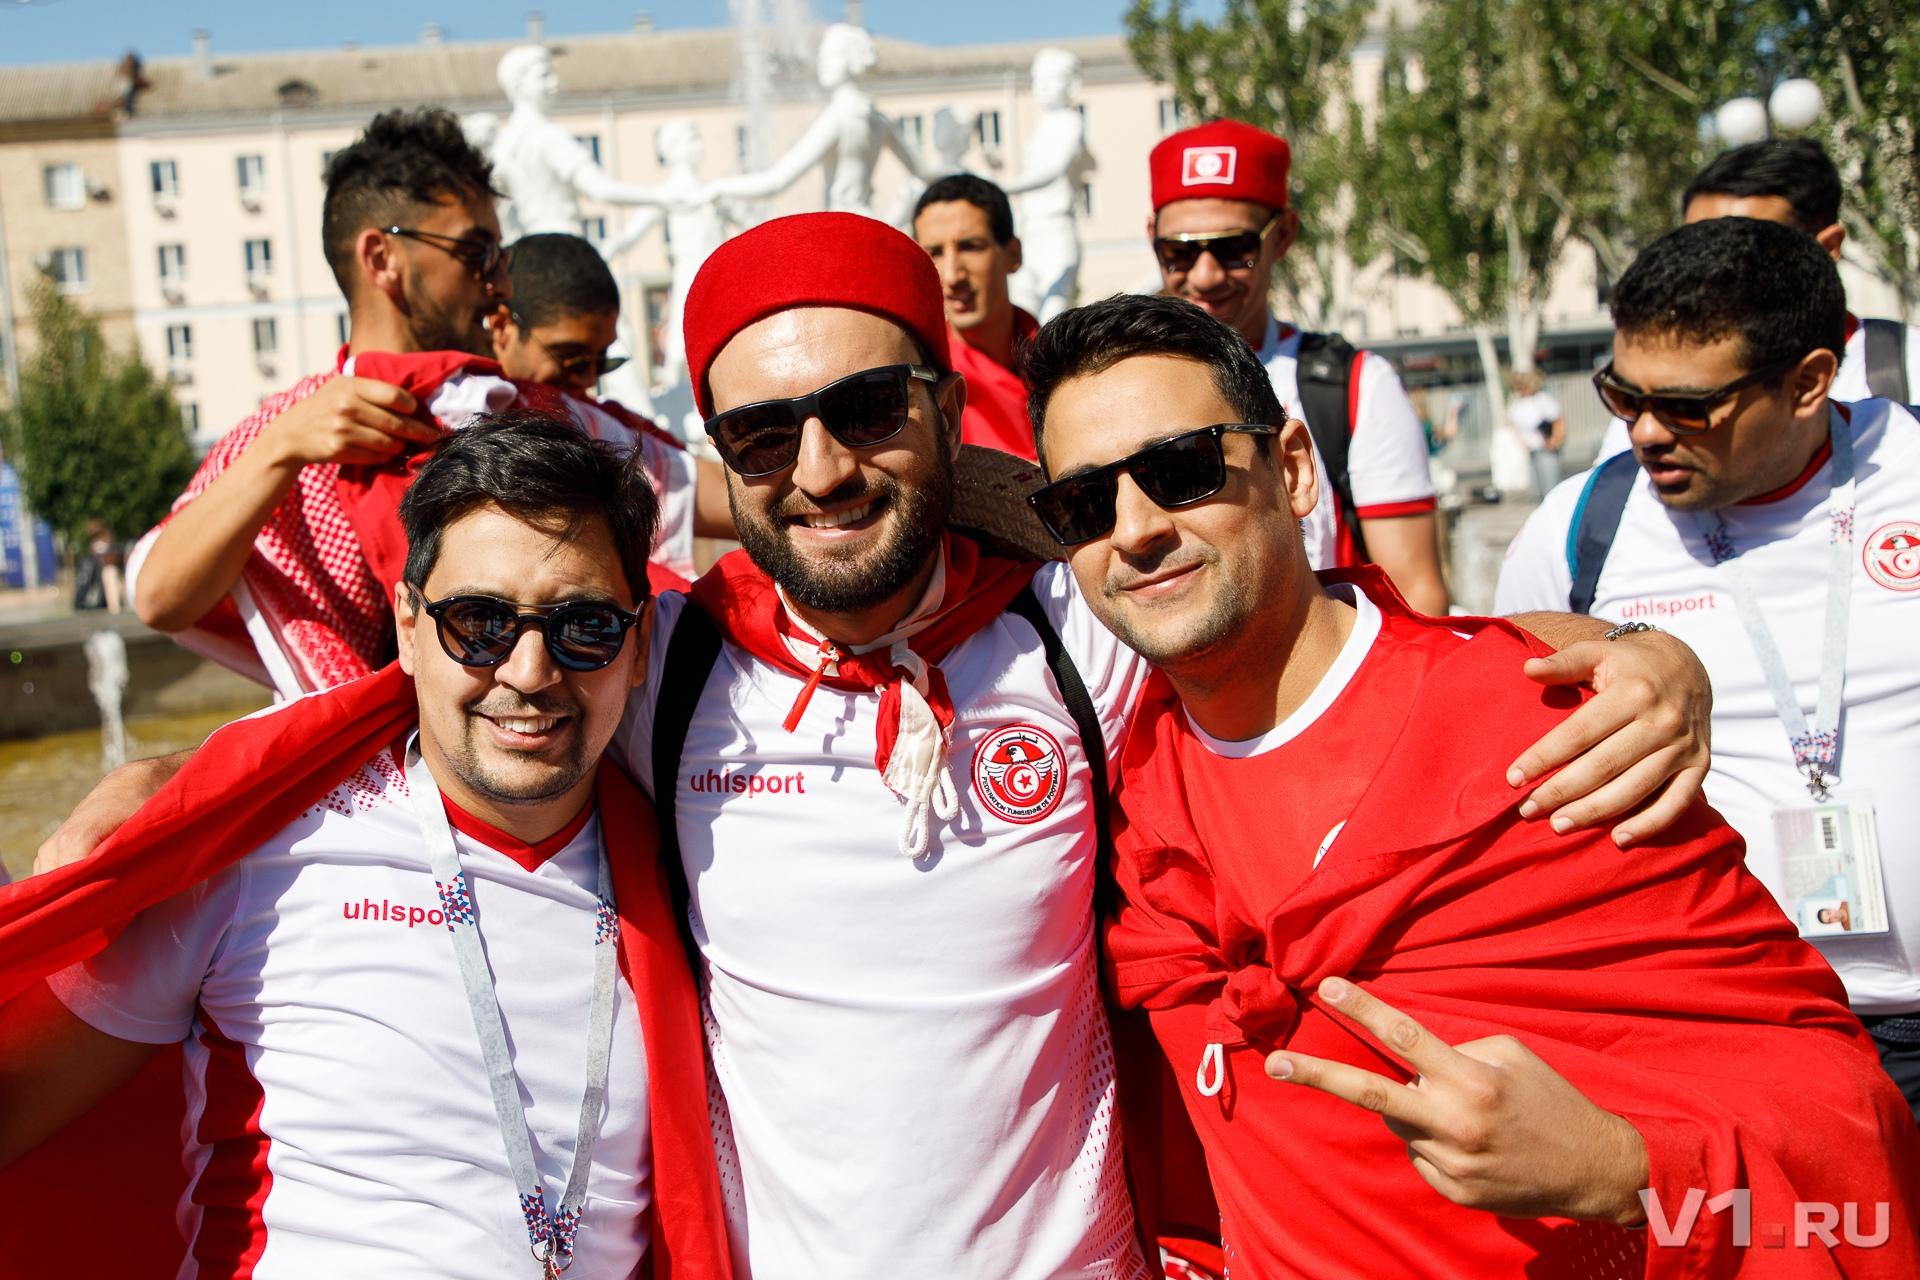 Многие тунисцы сегодня уедут в Москву после матча